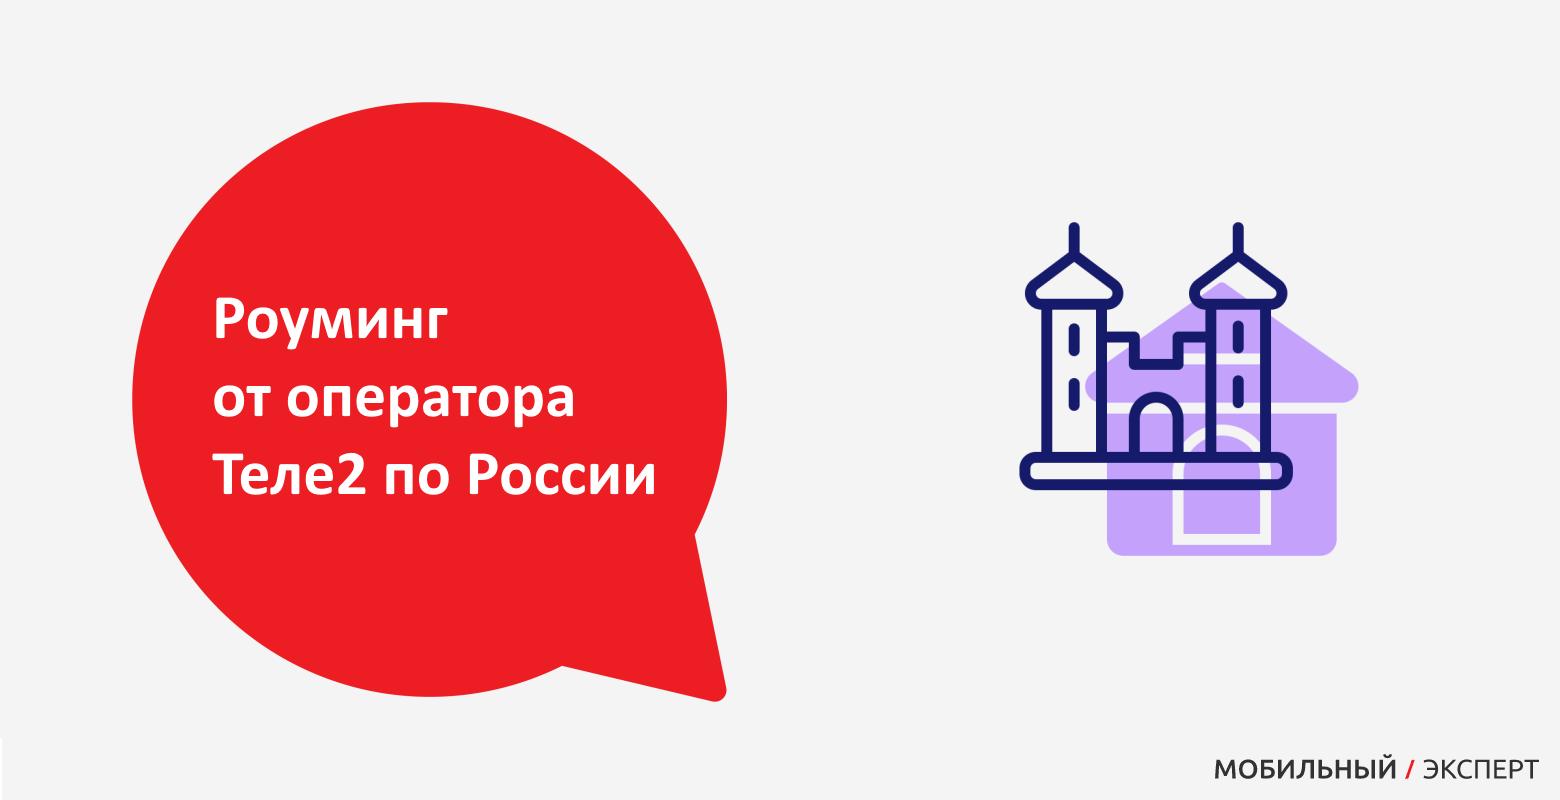 Роуминг от оператора Теле2 по России